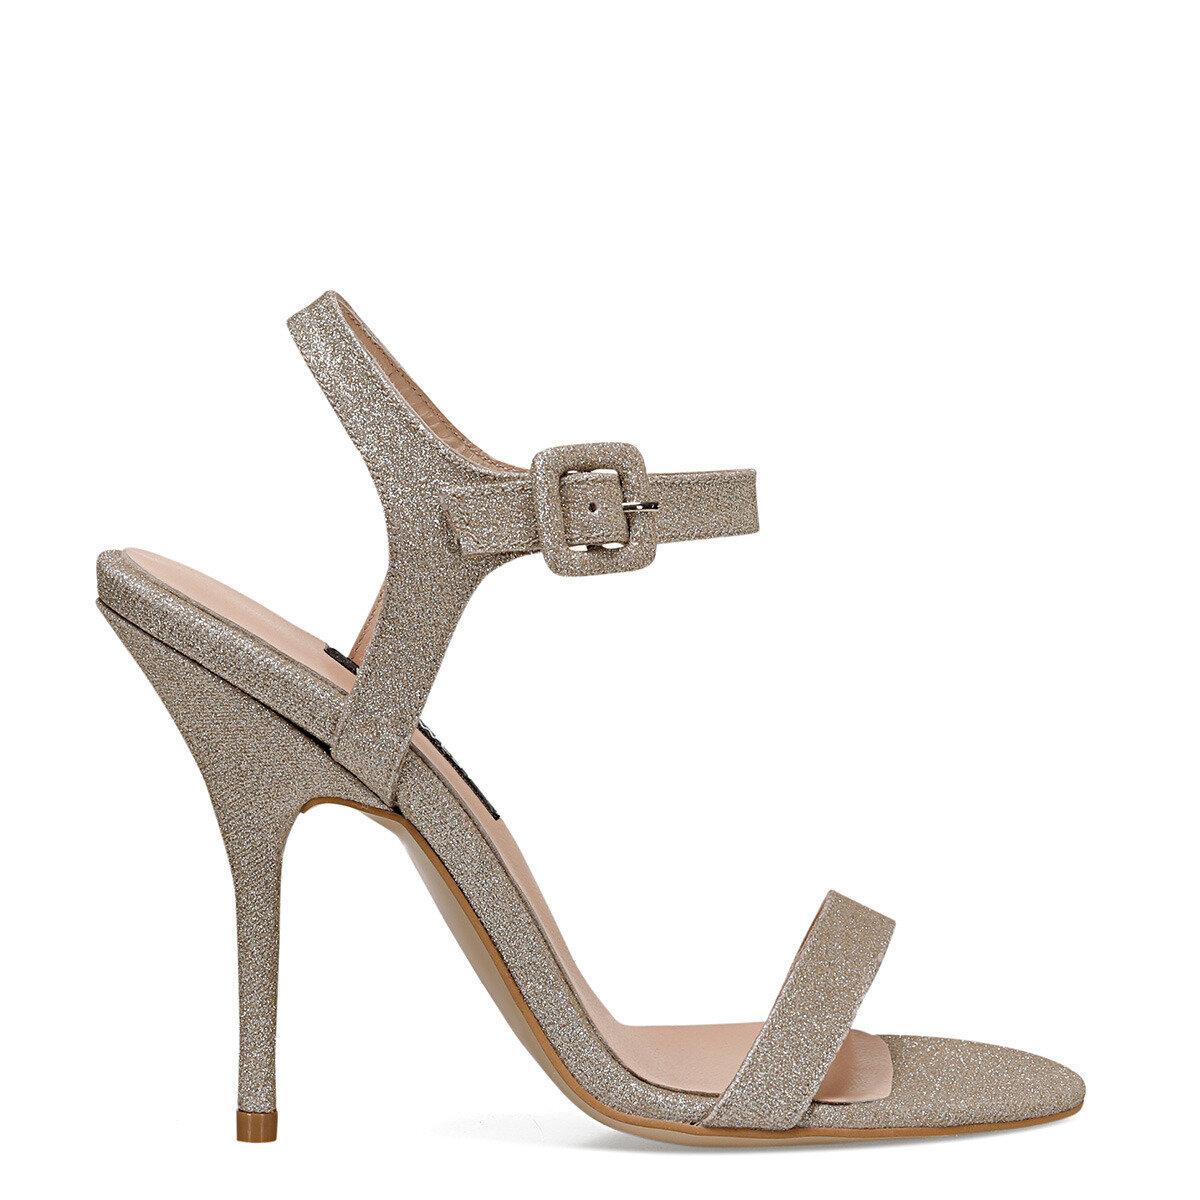 TALLY3 Altın Kadın Topuklu Sandalet